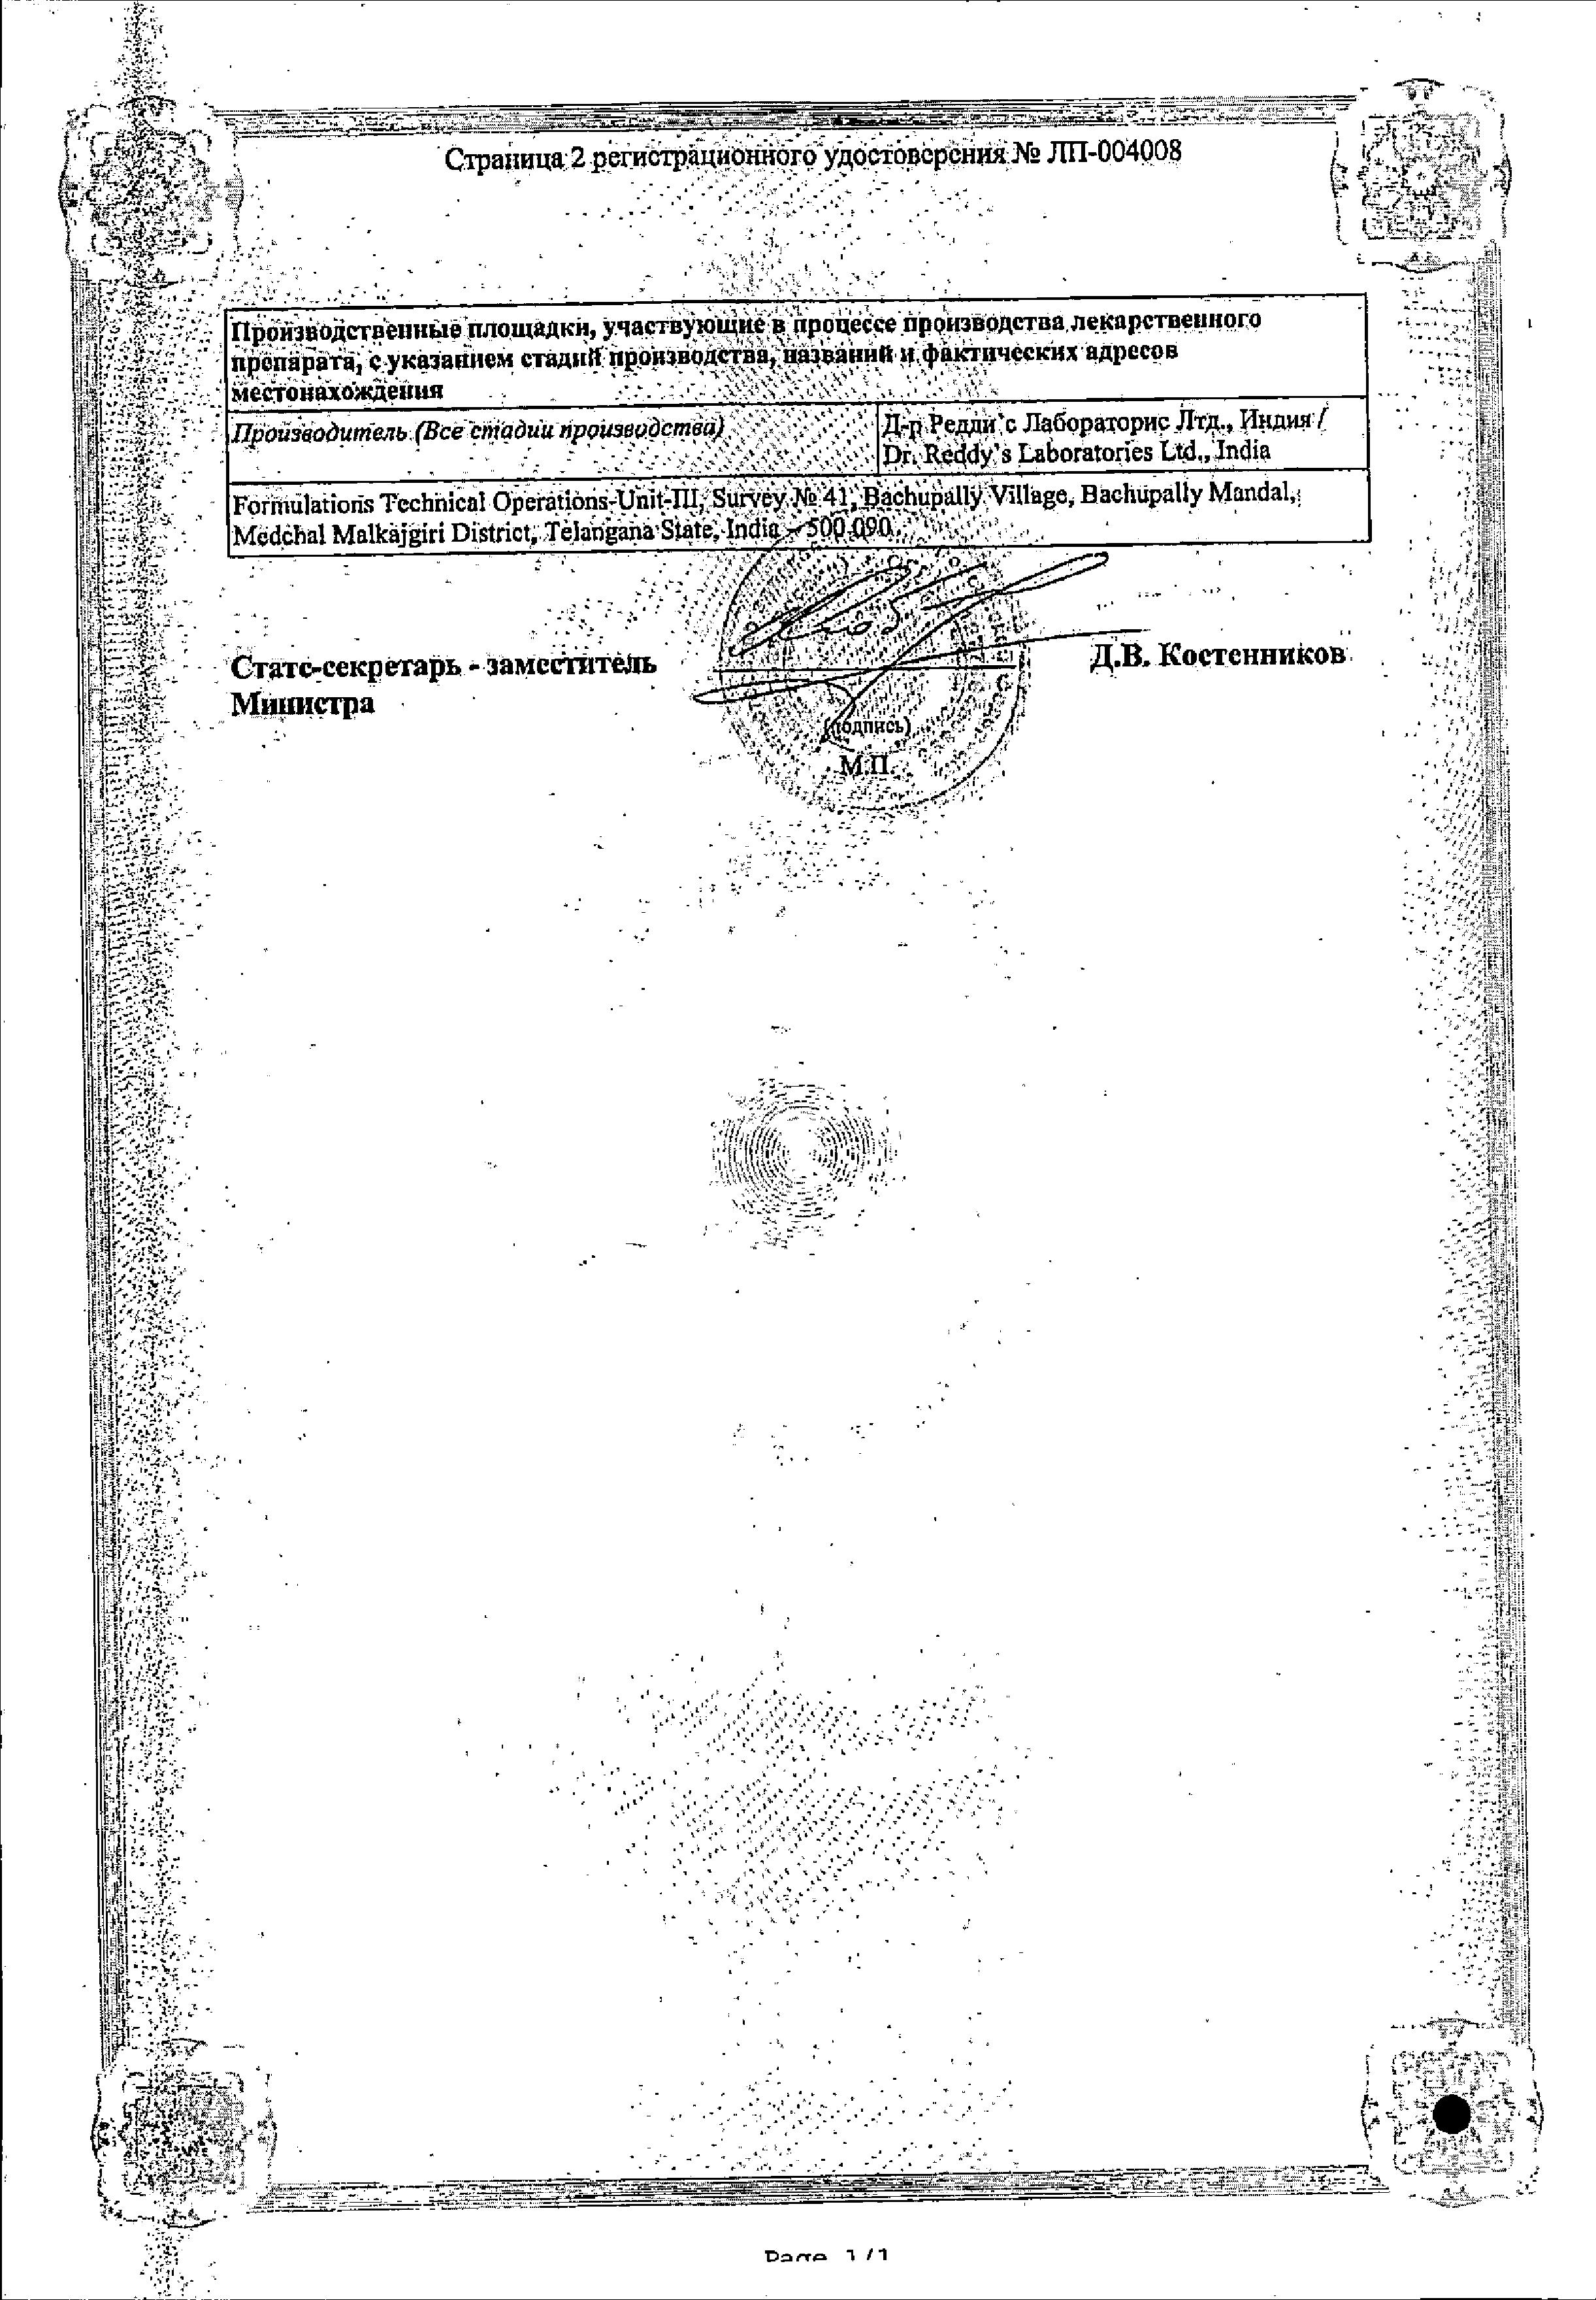 Аллервэй сертификат